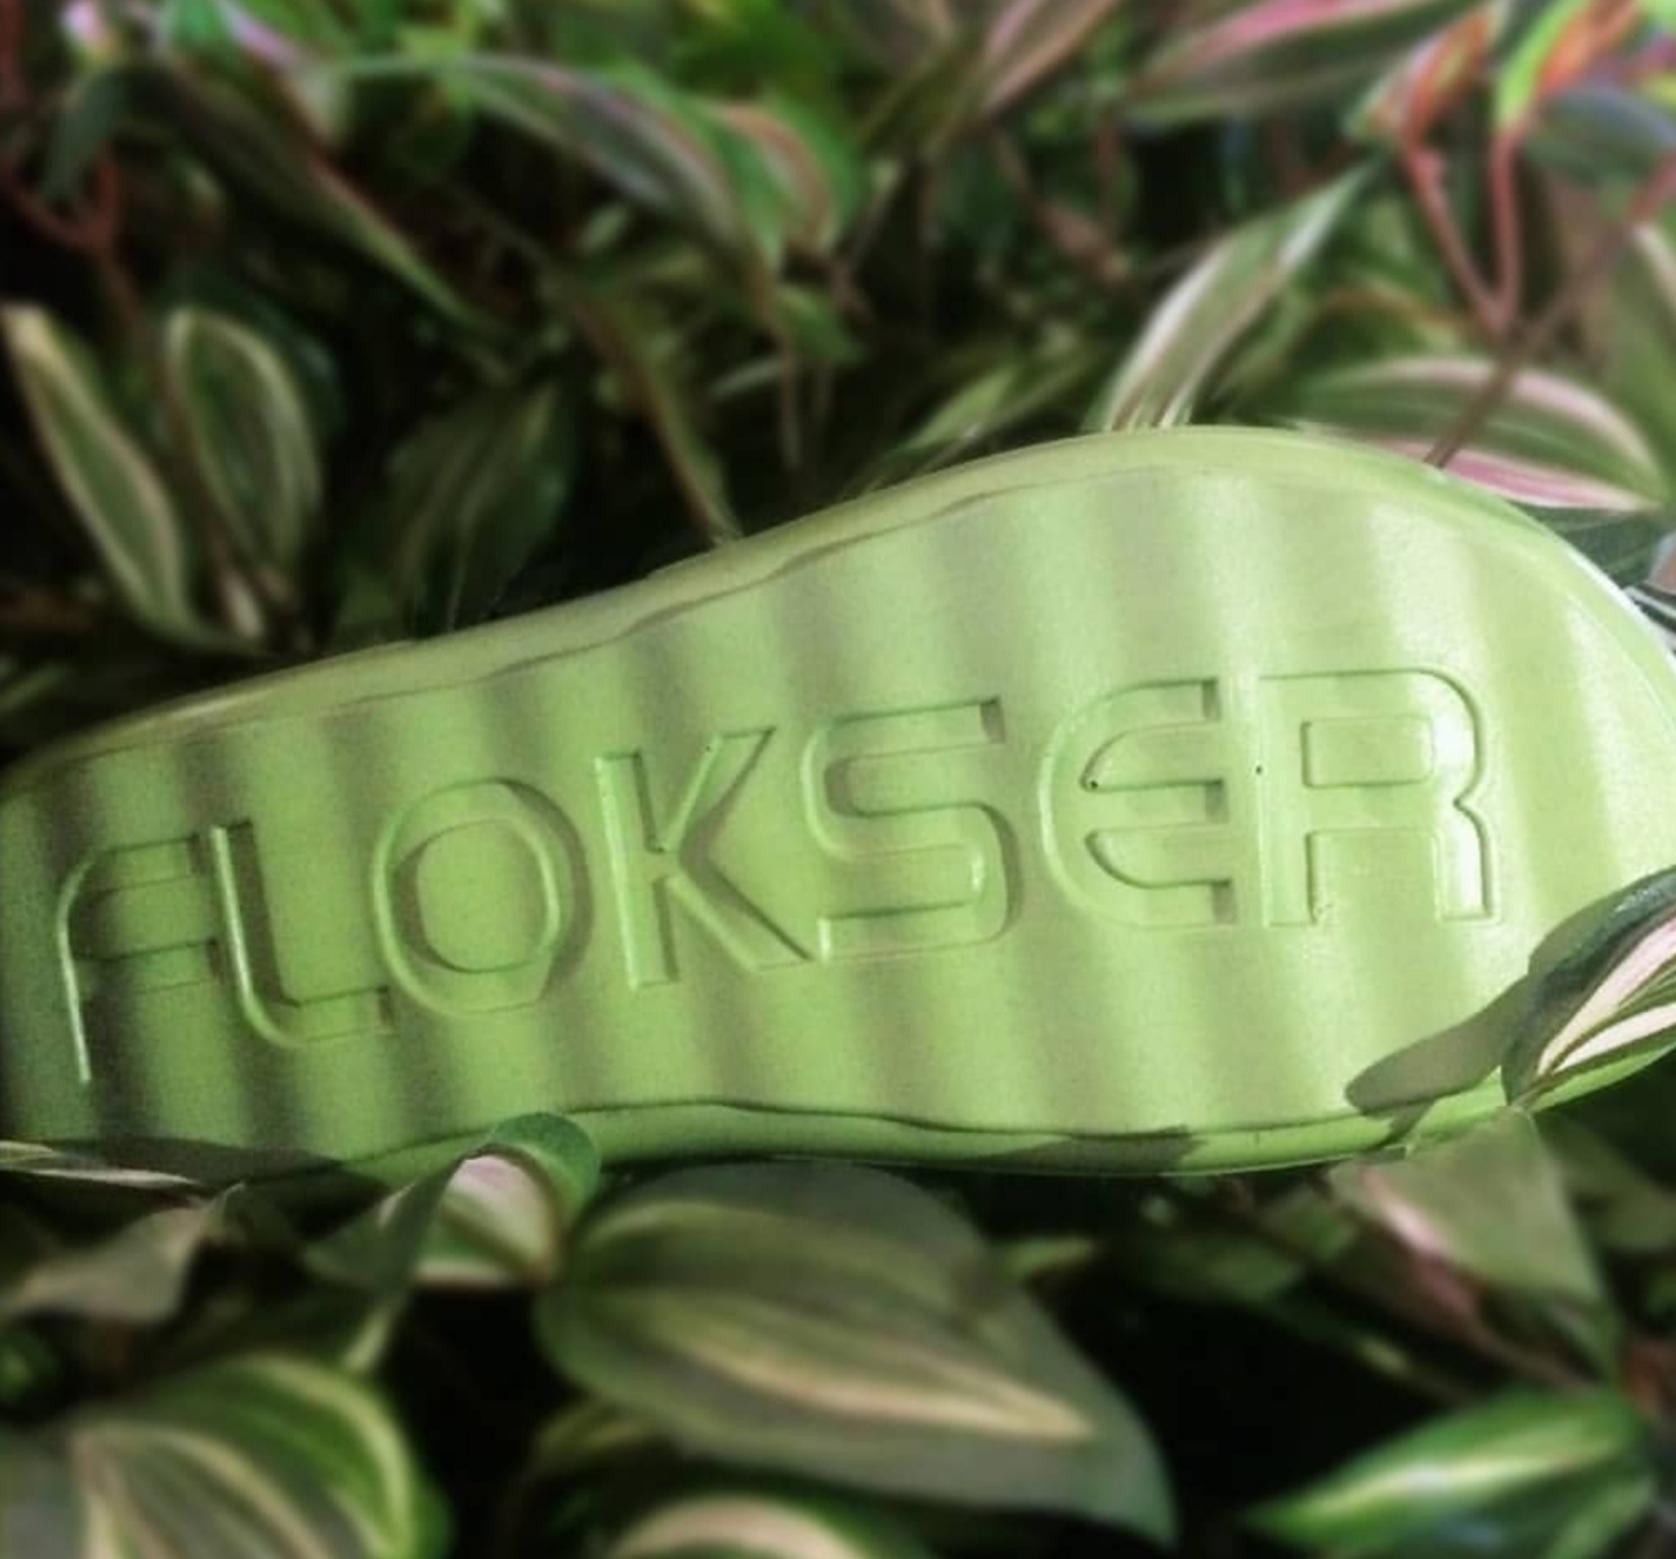 Flokser yeni seri terlik ve taban sistemleri ile sektörde fark yaratıyor